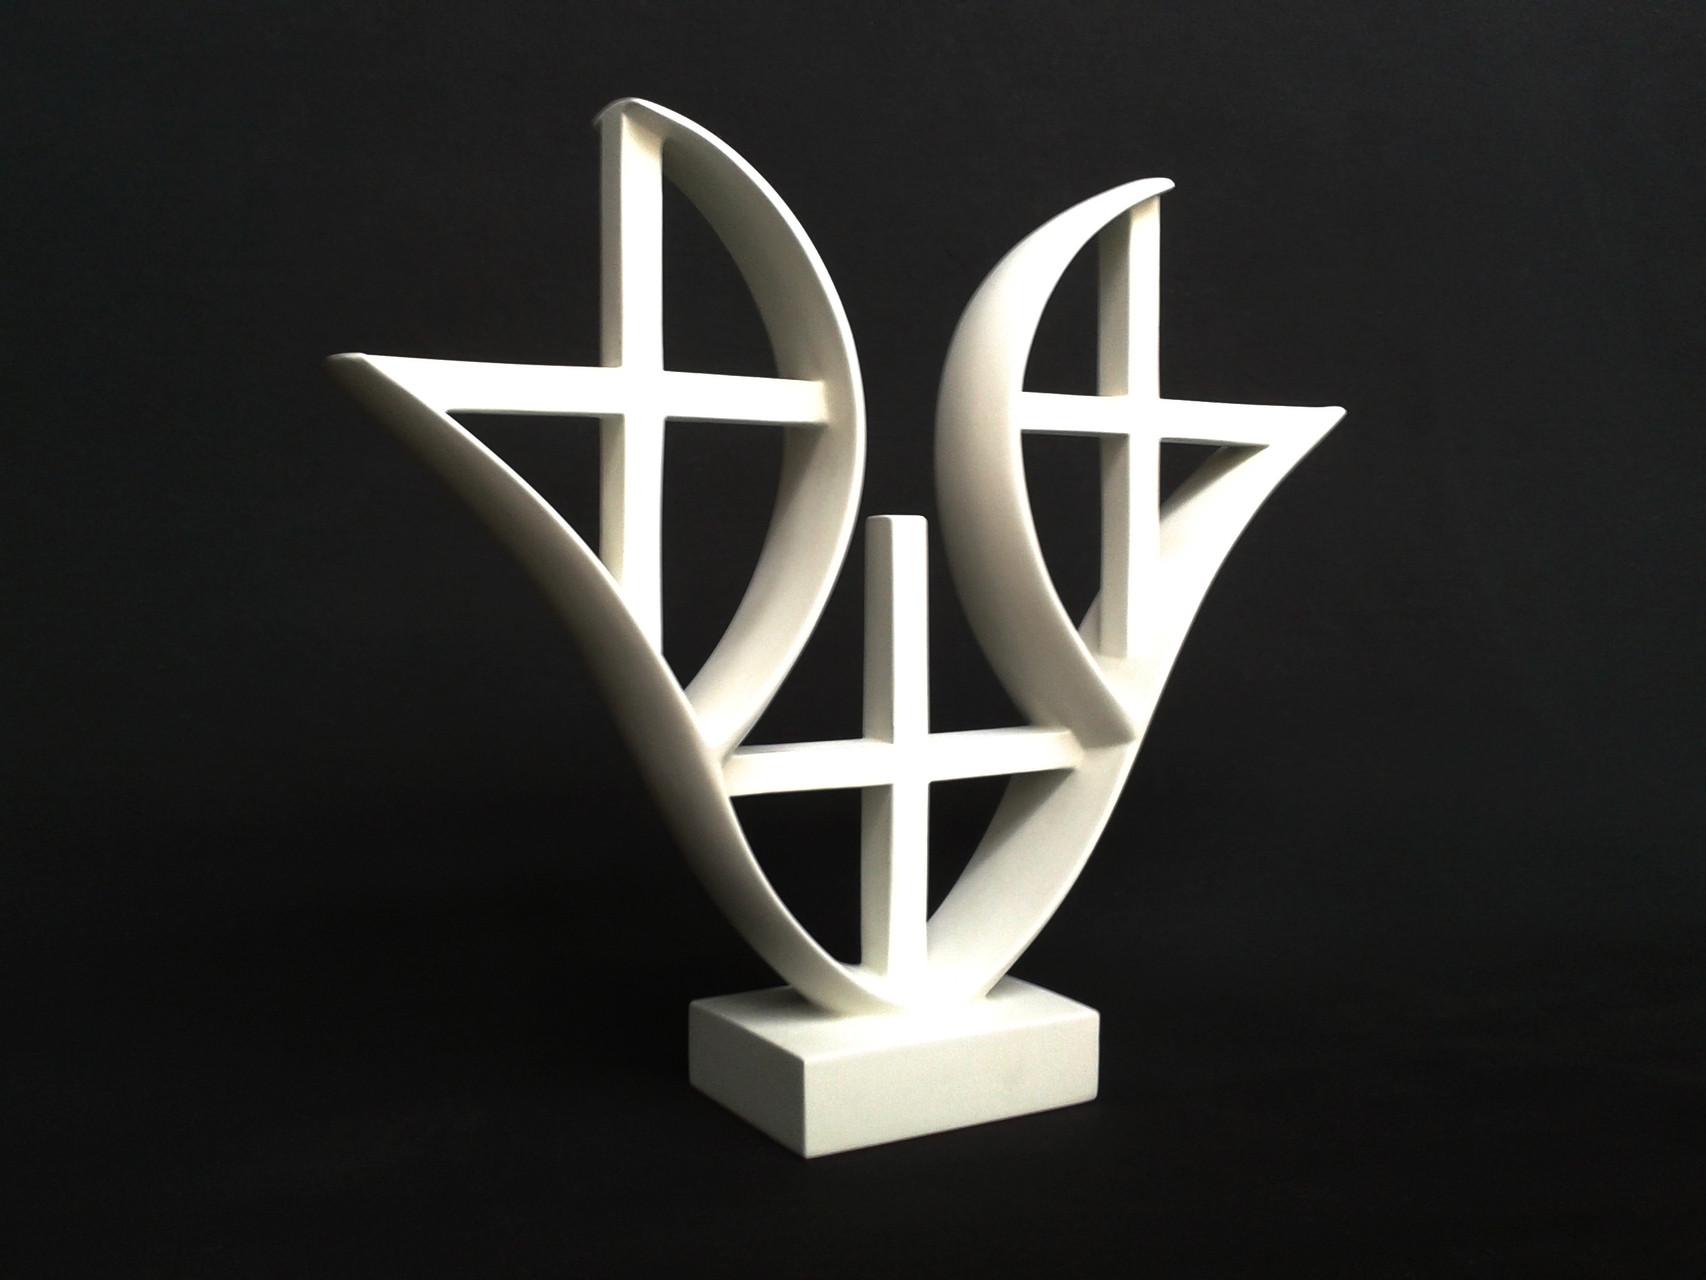 A+G 5. 2012. 38 X 33,5 X 9 cm. Aluminio - Pintura electrostática